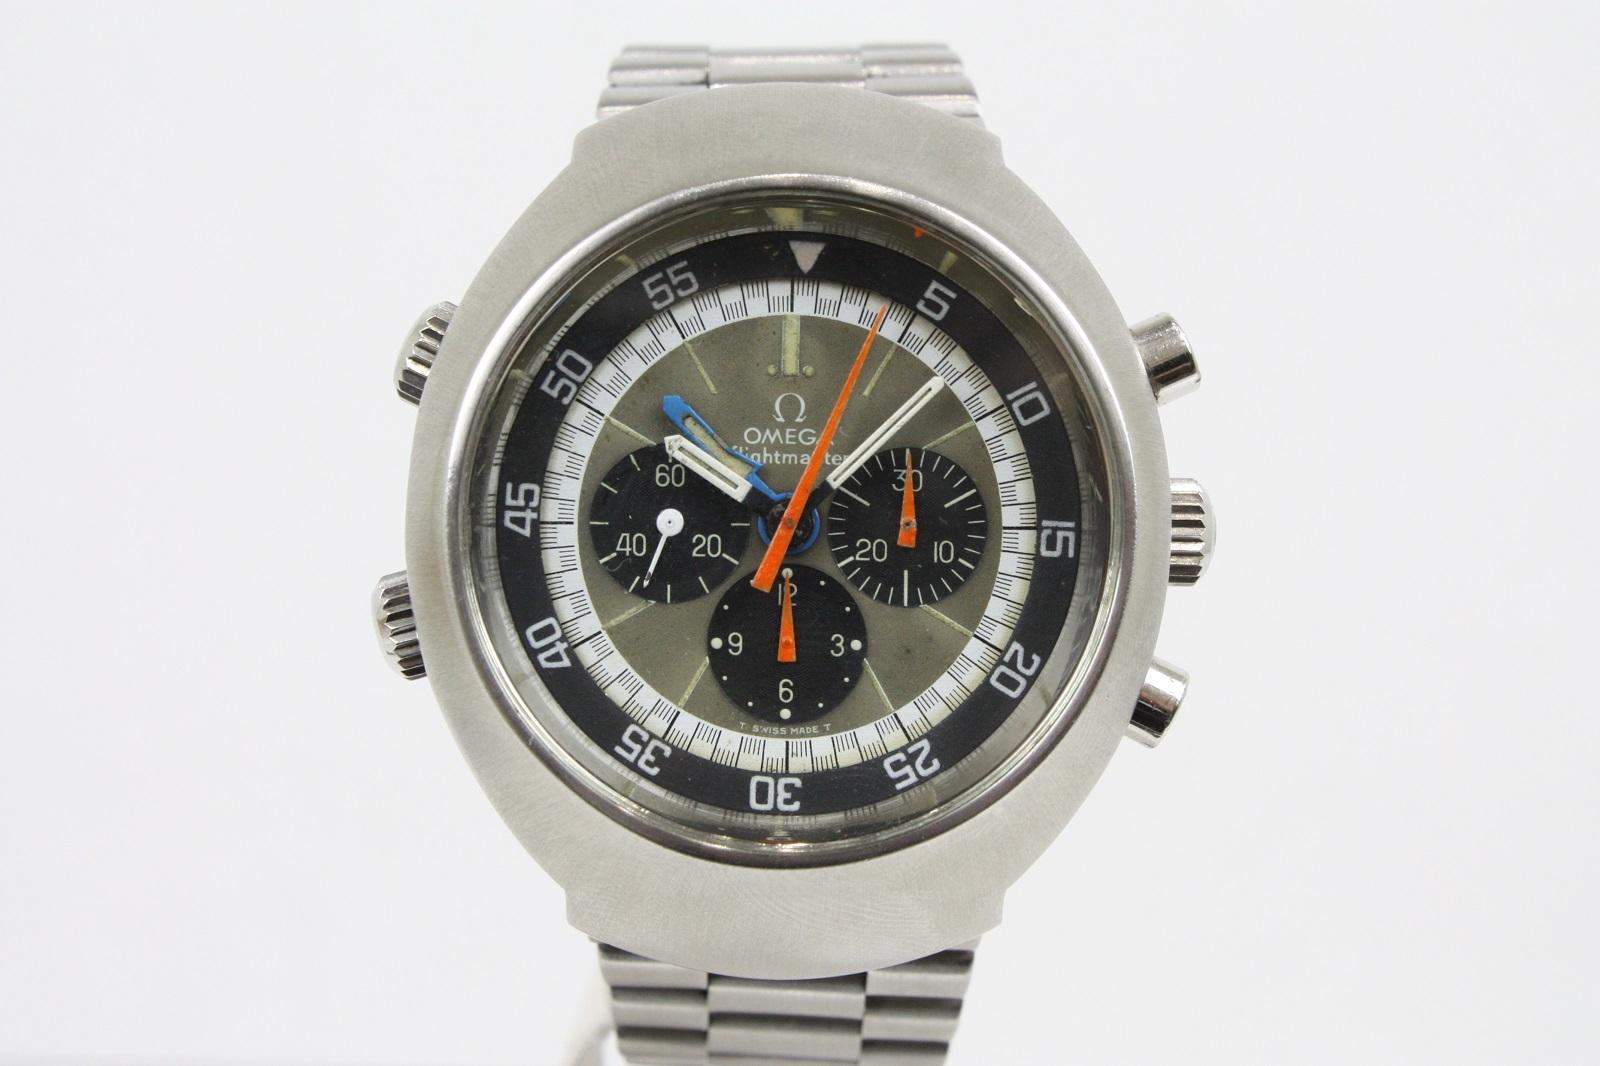 [宅送] 【超レアアンティーク】OMEGA オメガ フライトマスター 145.036 1970年代 クロノグラフ GMT インナー回転ベゼル 手巻き メンズ 腕時計 【】, e-Backs 36e5aefe